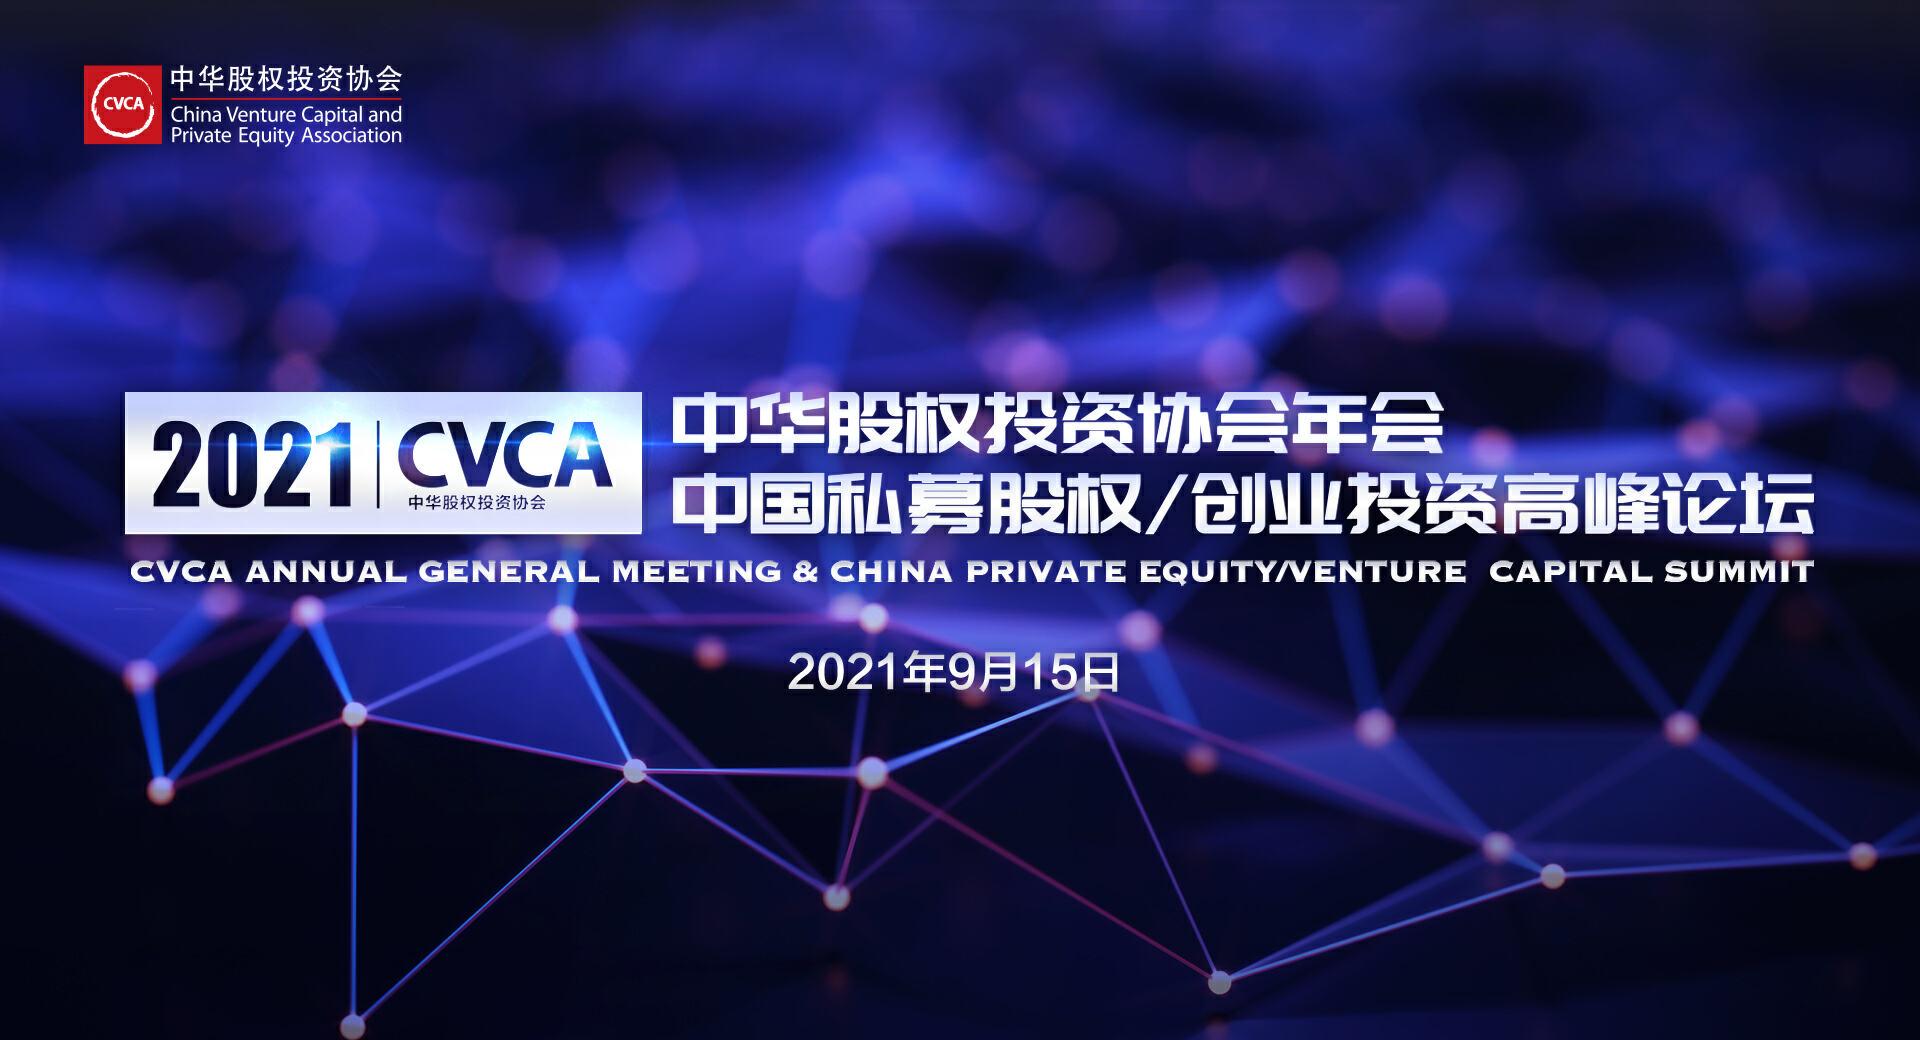 2021 CVCA年会暨中国PE/VC高峰论坛